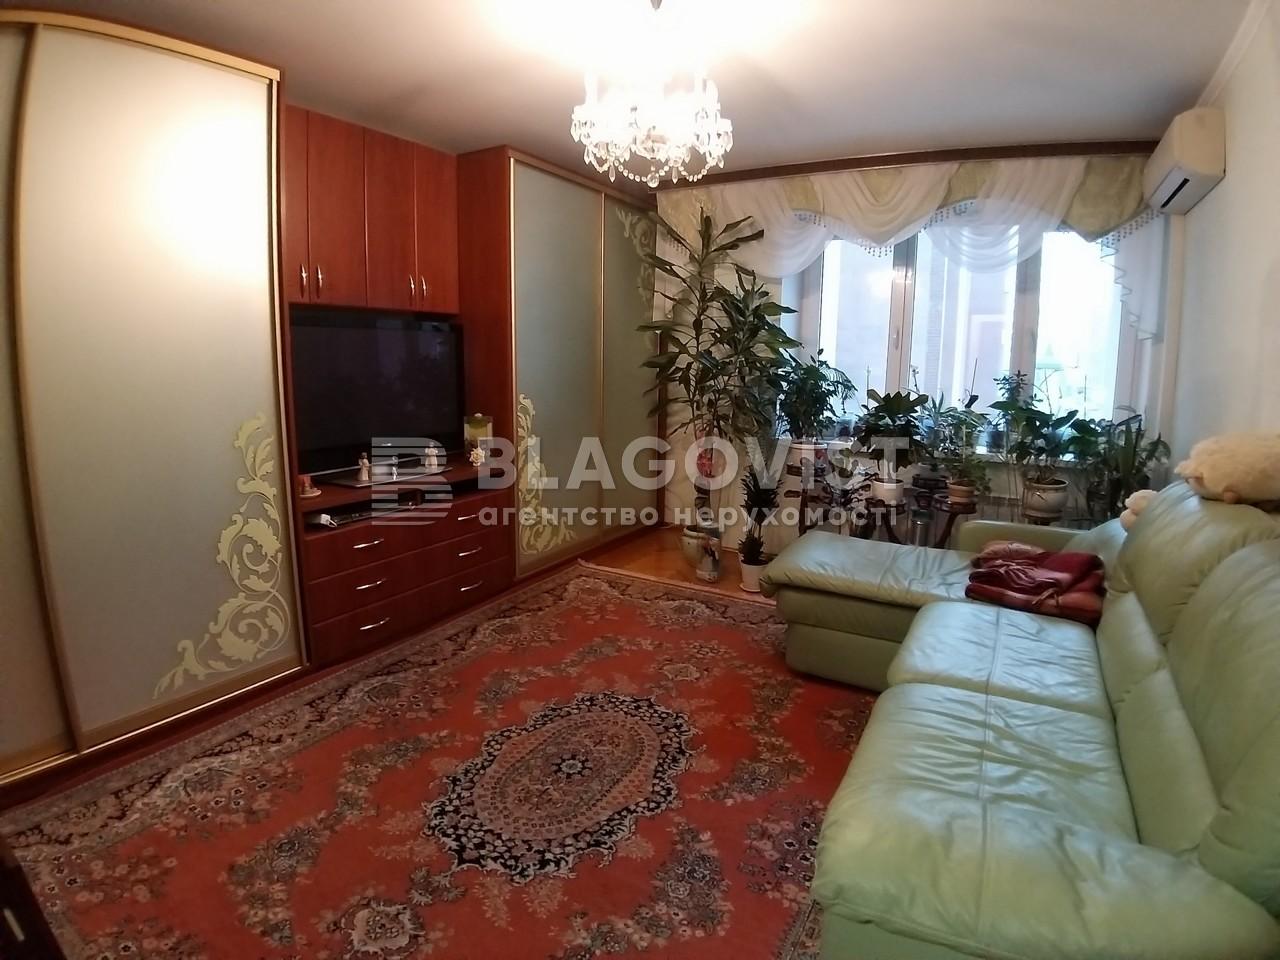 Квартира H-48780, Антоновича (Горького), 158, Киев - Фото 6